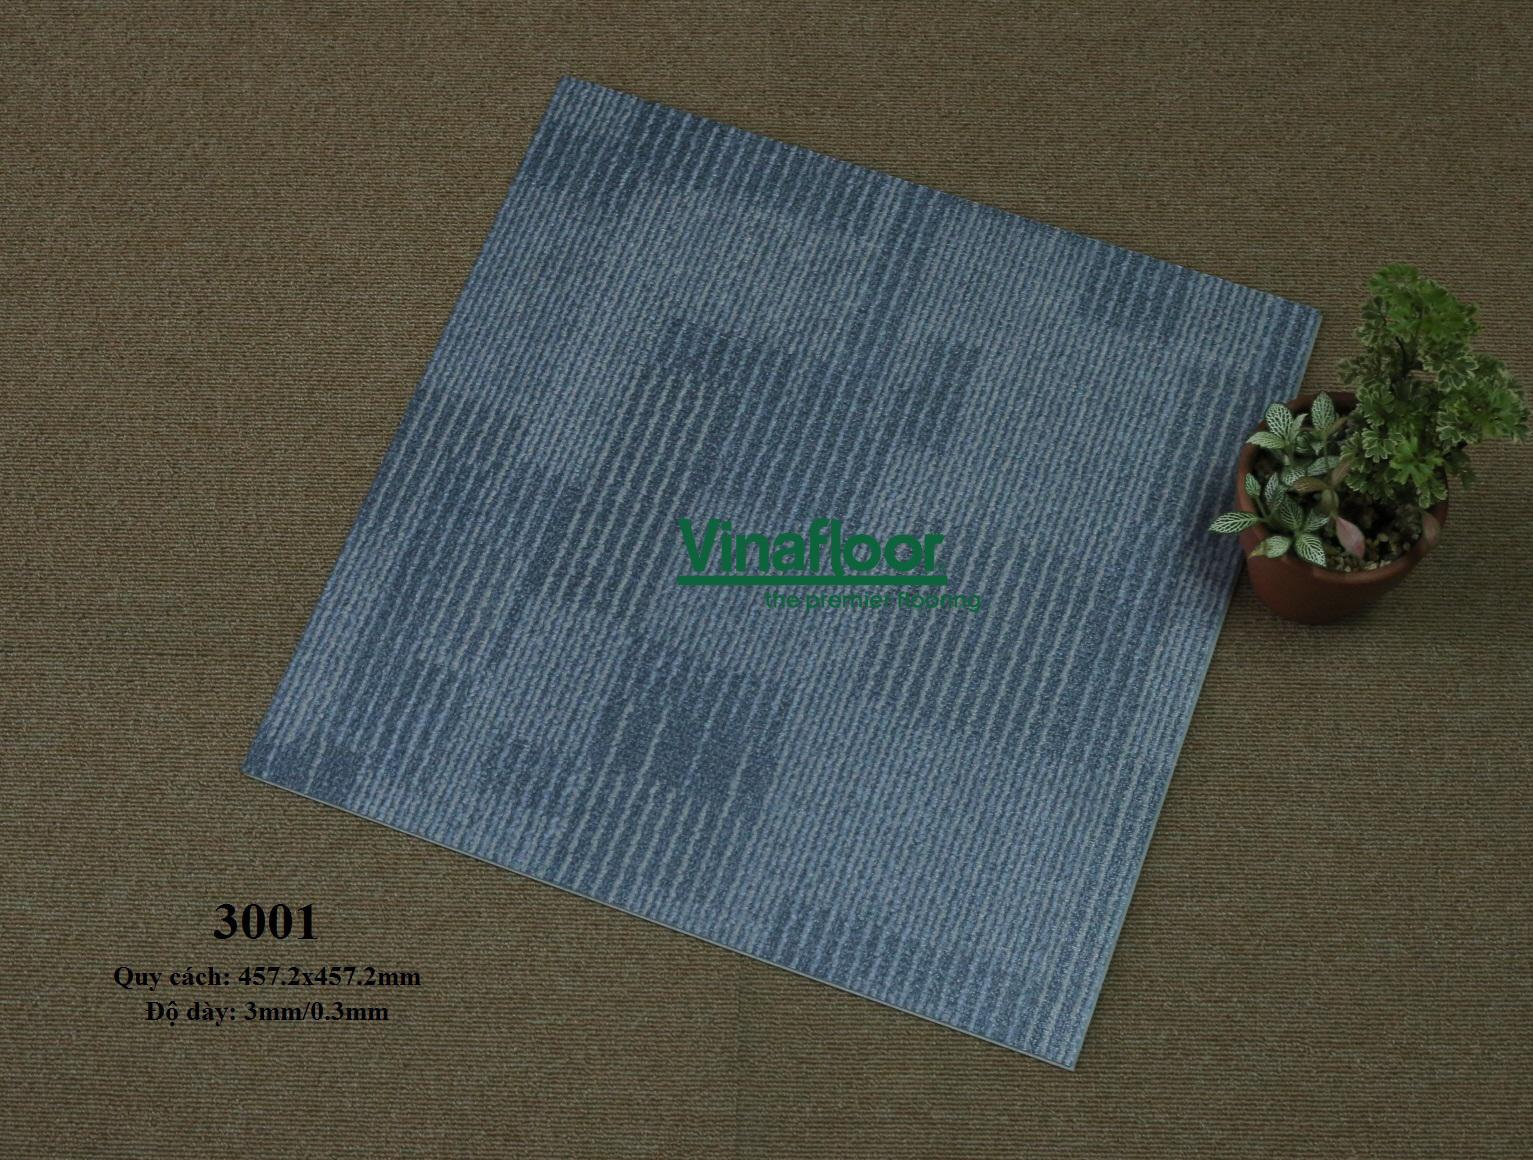 Sàn nhựa giả thảm dlc3001